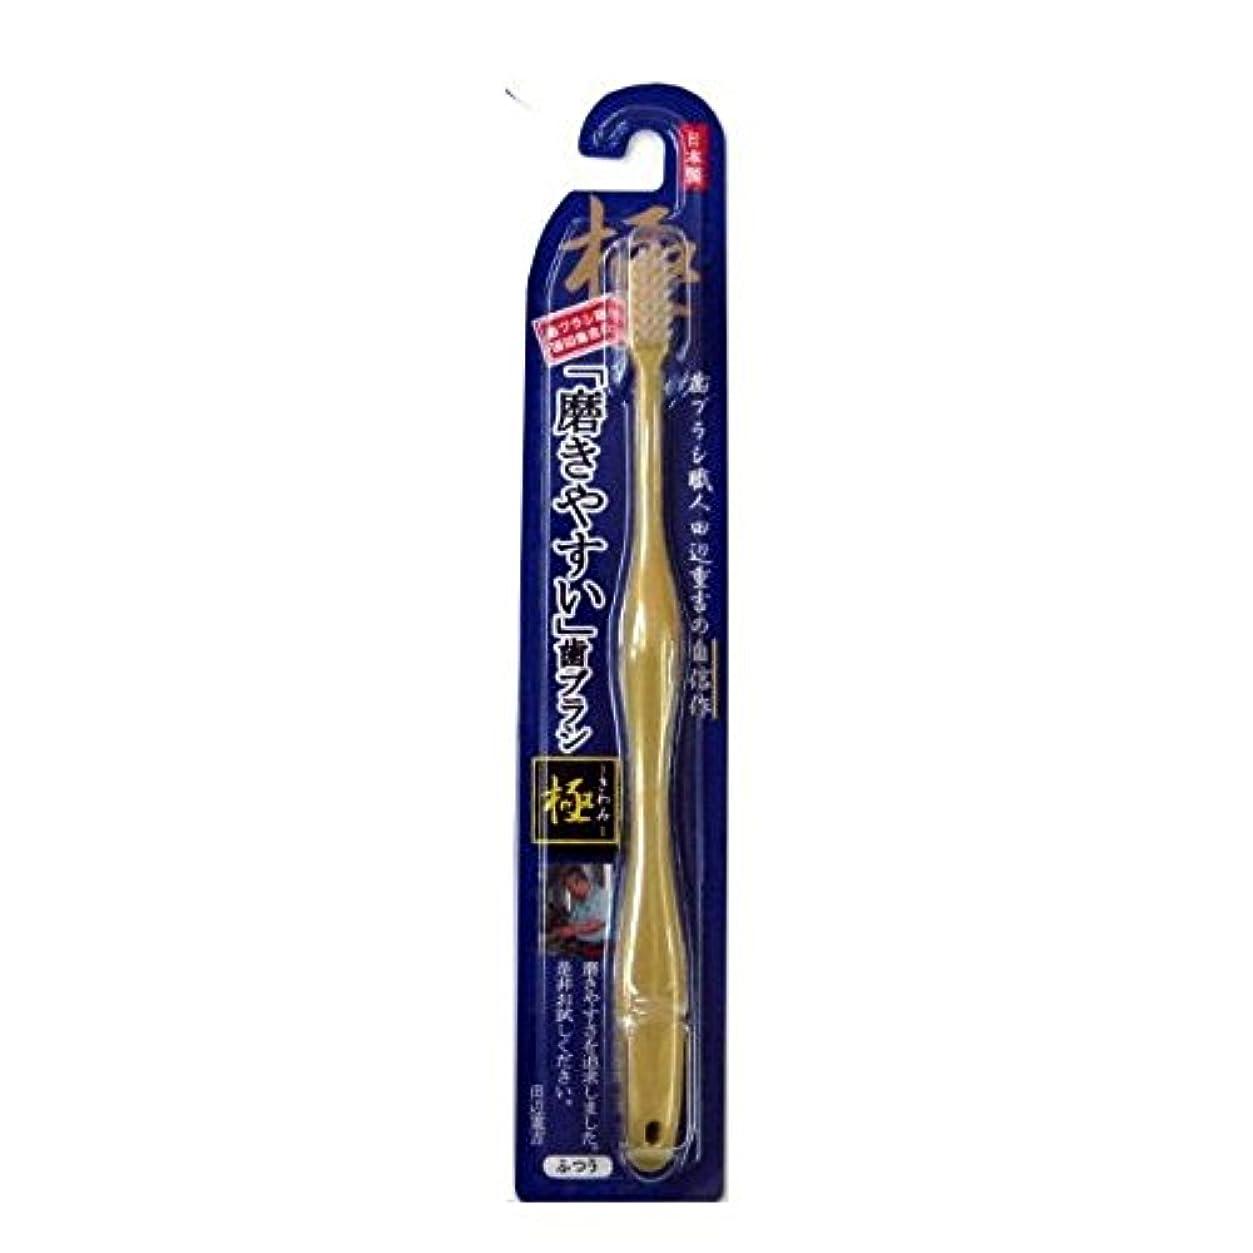 木曜日帰るタブレット磨きやすい歯ブラシ極 LT-09